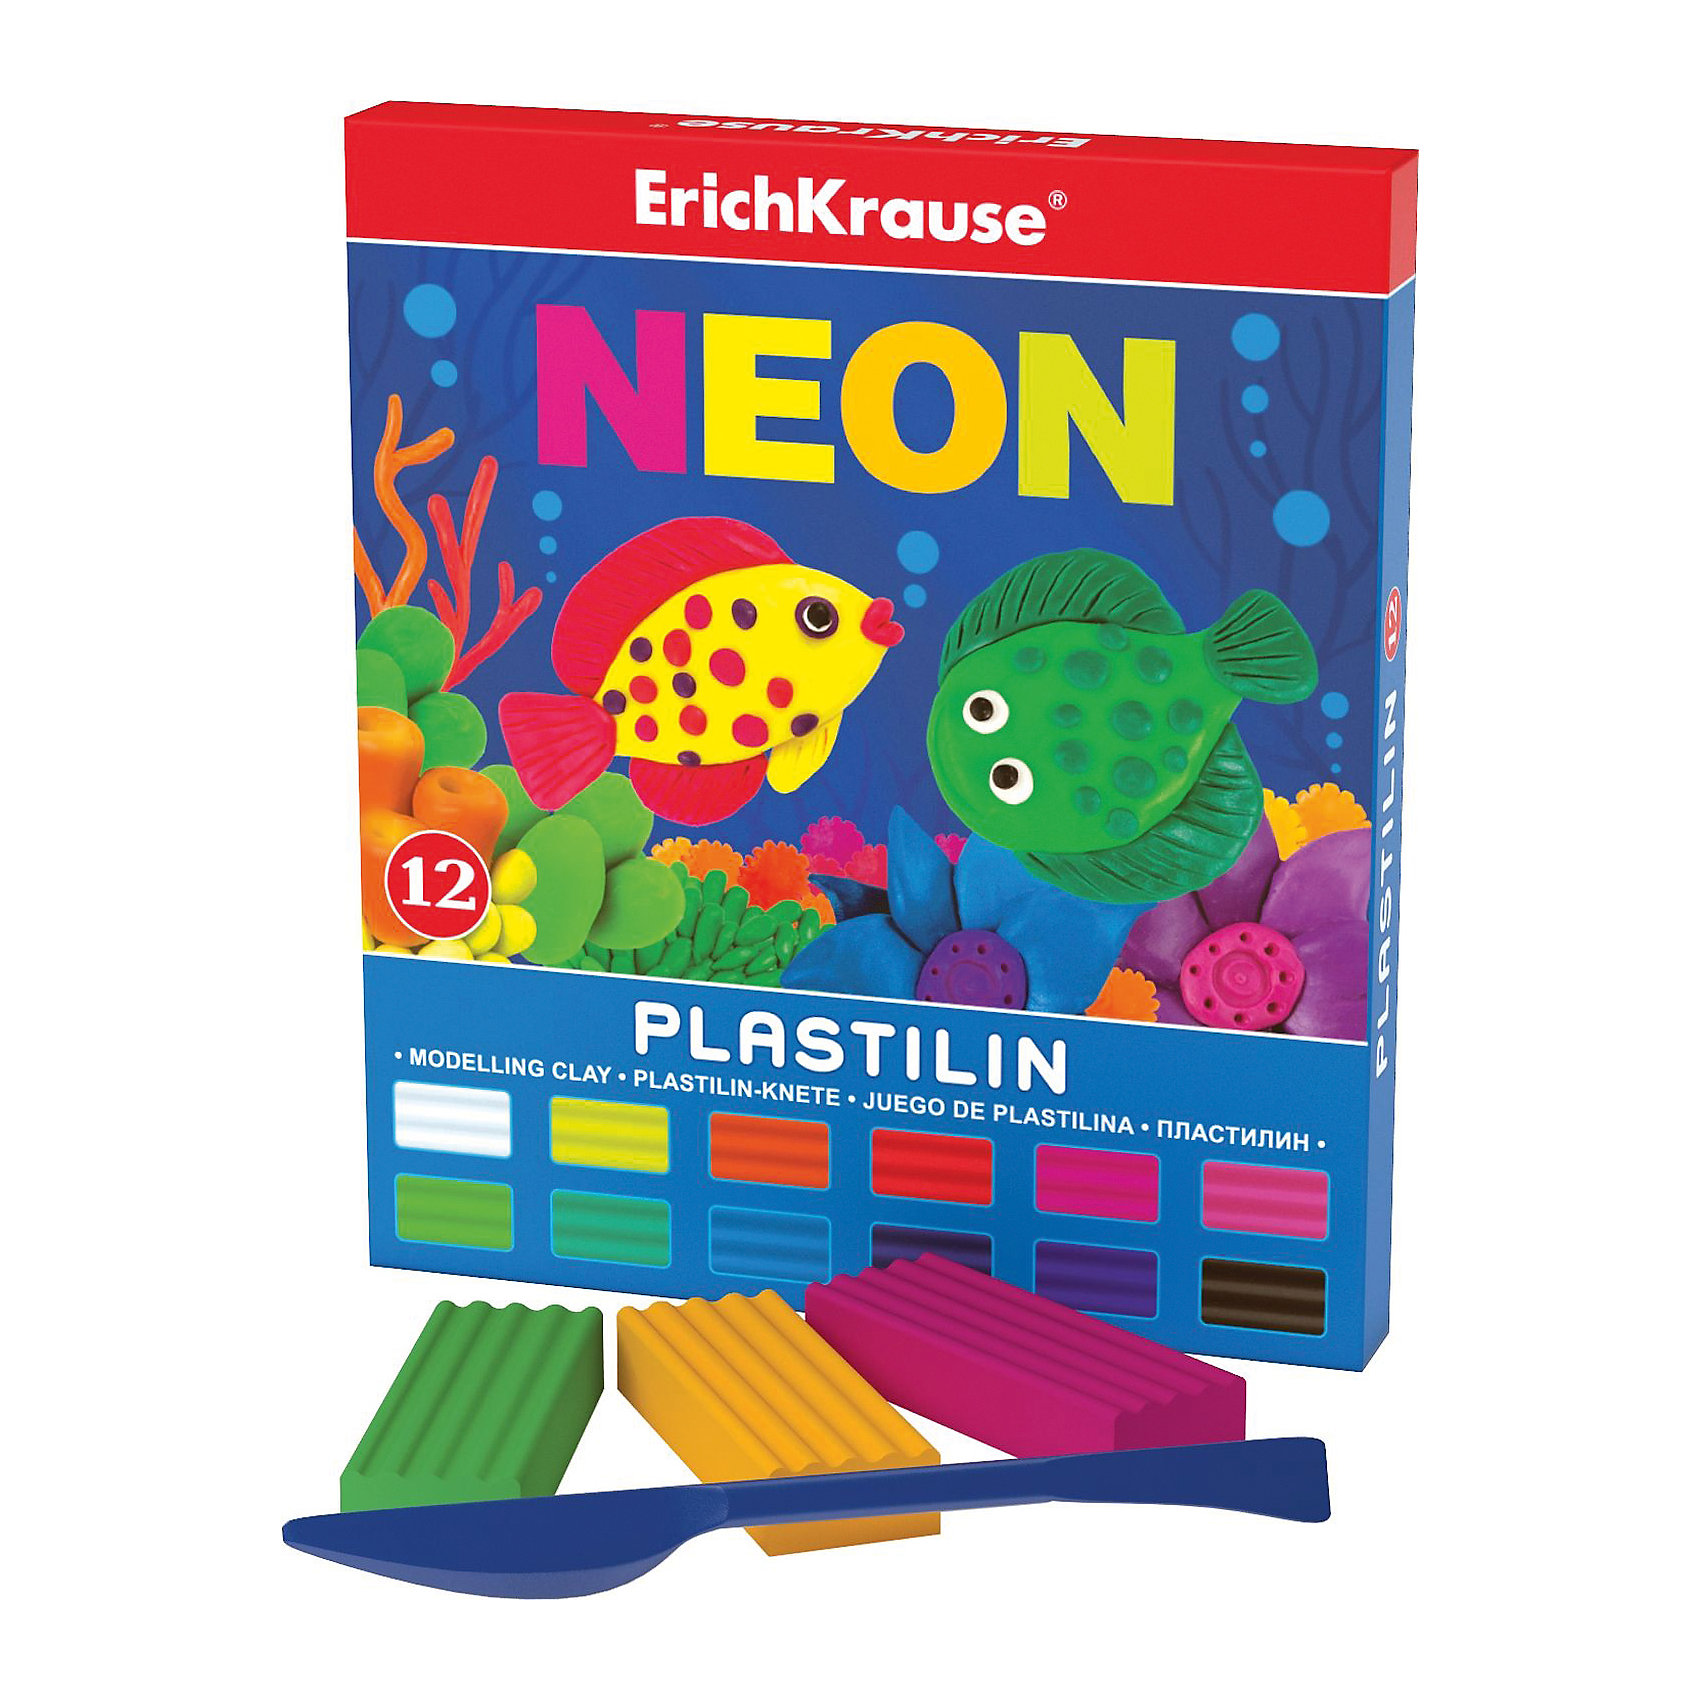 Пластилин Neon (12 цветов, 216г + стек), ArtberryПластилин Neon (Неон) (12 цветов, 216г + стек), Artberry (Артберри) невероятно мягкий и пластичный, поэтому из брусочков отлично получаются как плоские (так называемая техника рисования пластилином на поверхности), так и объемные фигурки. Набор пластилина отличается яркой и насыщенной палитрой, при этом цвета легко смешиваются между собой для получения новых оттенков. Позвольте вашему ребенку воплощать свои фантазии в лепке, развивая при этом воображение и мелкую моторику.<br><br>Характеристики:<br>-Сохраняет форму, не застывает на воздухе<br>-Произведен на основе натуральных растительных компонентов<br>-Не липнет к рукам или рабочей поверхности, не оставляет жирных пятен<br>-Лепка пластилином способствует развитию мелкой моторики, целеустремленности, терпения, творческих способностей<br><br>Комплектация: пластилин 12 цветов по 18 г, стек (пластиковый нож)<br><br>Дополнительная информация:<br>-Вес в упаковке: 258 г<br>-Размеры в упаковке: 149х170х10 мм<br>-Материалы: пластилин, пластик<br><br>Набор пластилина из 12 цветов является отличным подарком, который доставит настоящую радость детям и откроет новые возможности для развития творческих способностей Вашего ребенка.<br><br>Пластилин Neon (Неон) (12 цветов, 216г + стек), Artberry (Артберри) можно купить в нашем магазине.<br><br>Ширина мм: 149<br>Глубина мм: 170<br>Высота мм: 10<br>Вес г: 258<br>Возраст от месяцев: 36<br>Возраст до месяцев: 144<br>Пол: Унисекс<br>Возраст: Детский<br>SKU: 4058297